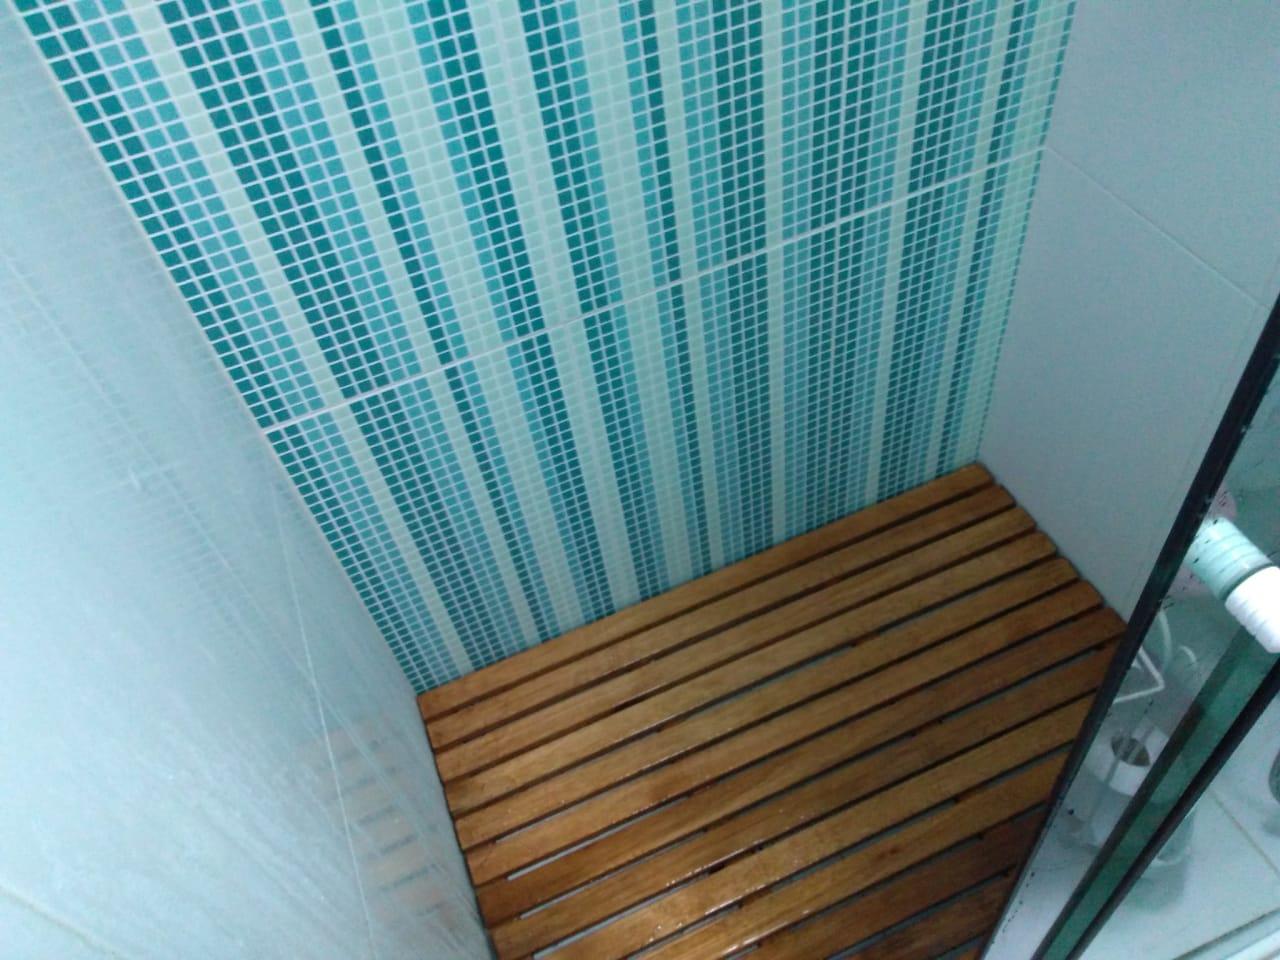 Deck De Madeira Chuveiro Box Banheiro Capacho 140x104 cm NeonX Com Pintura